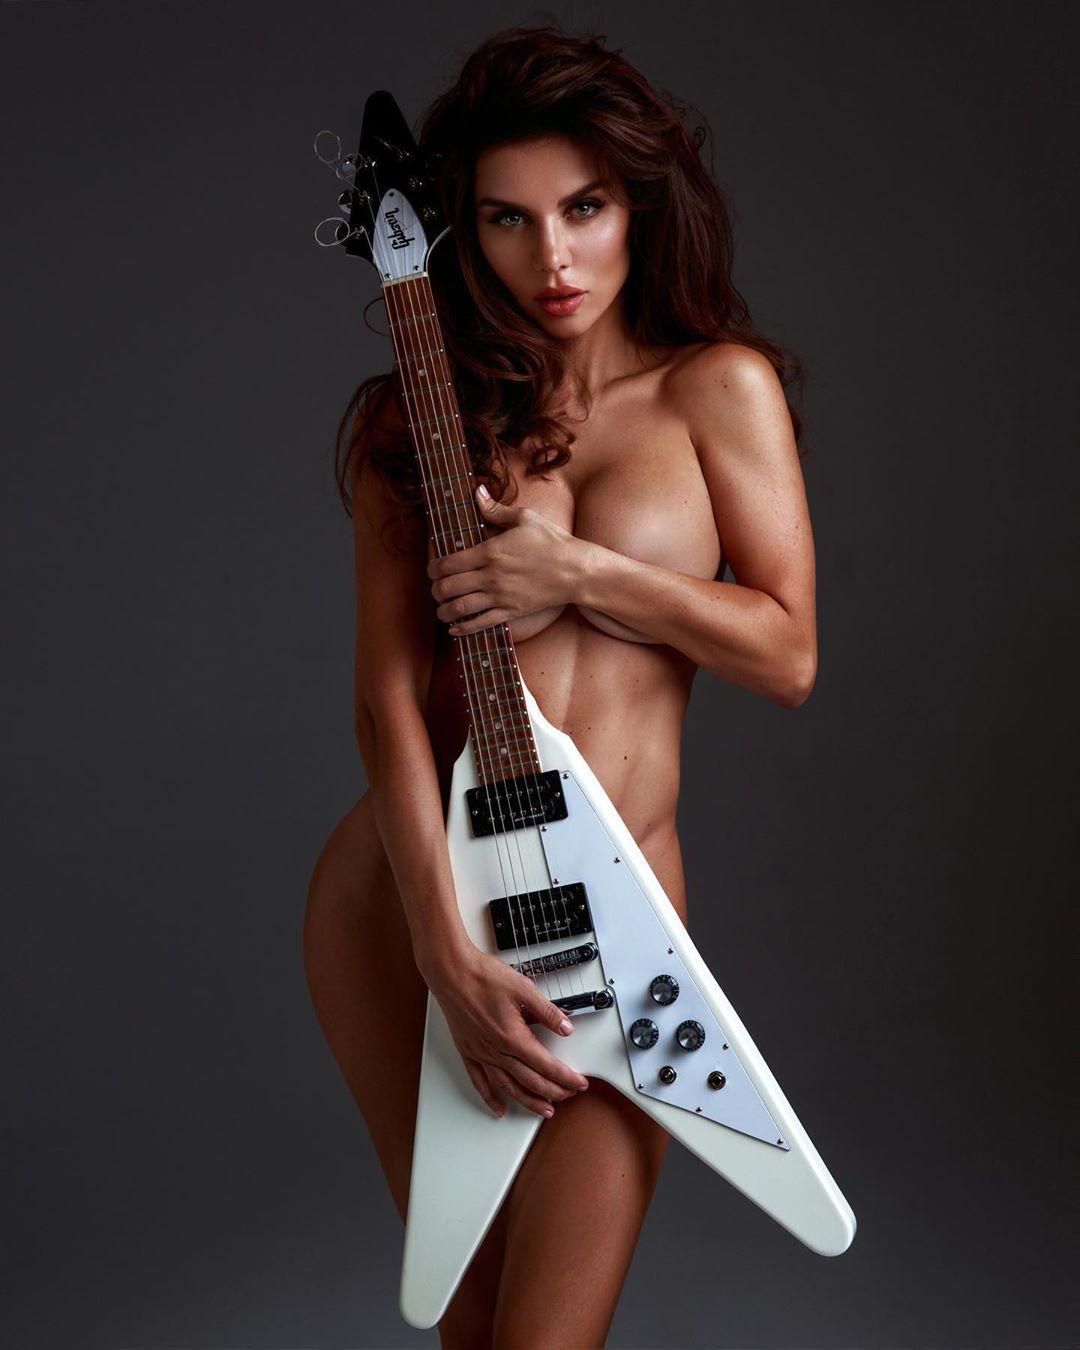 Анна Седокова позирует насекретном фото без одежды, едва прикрывшись